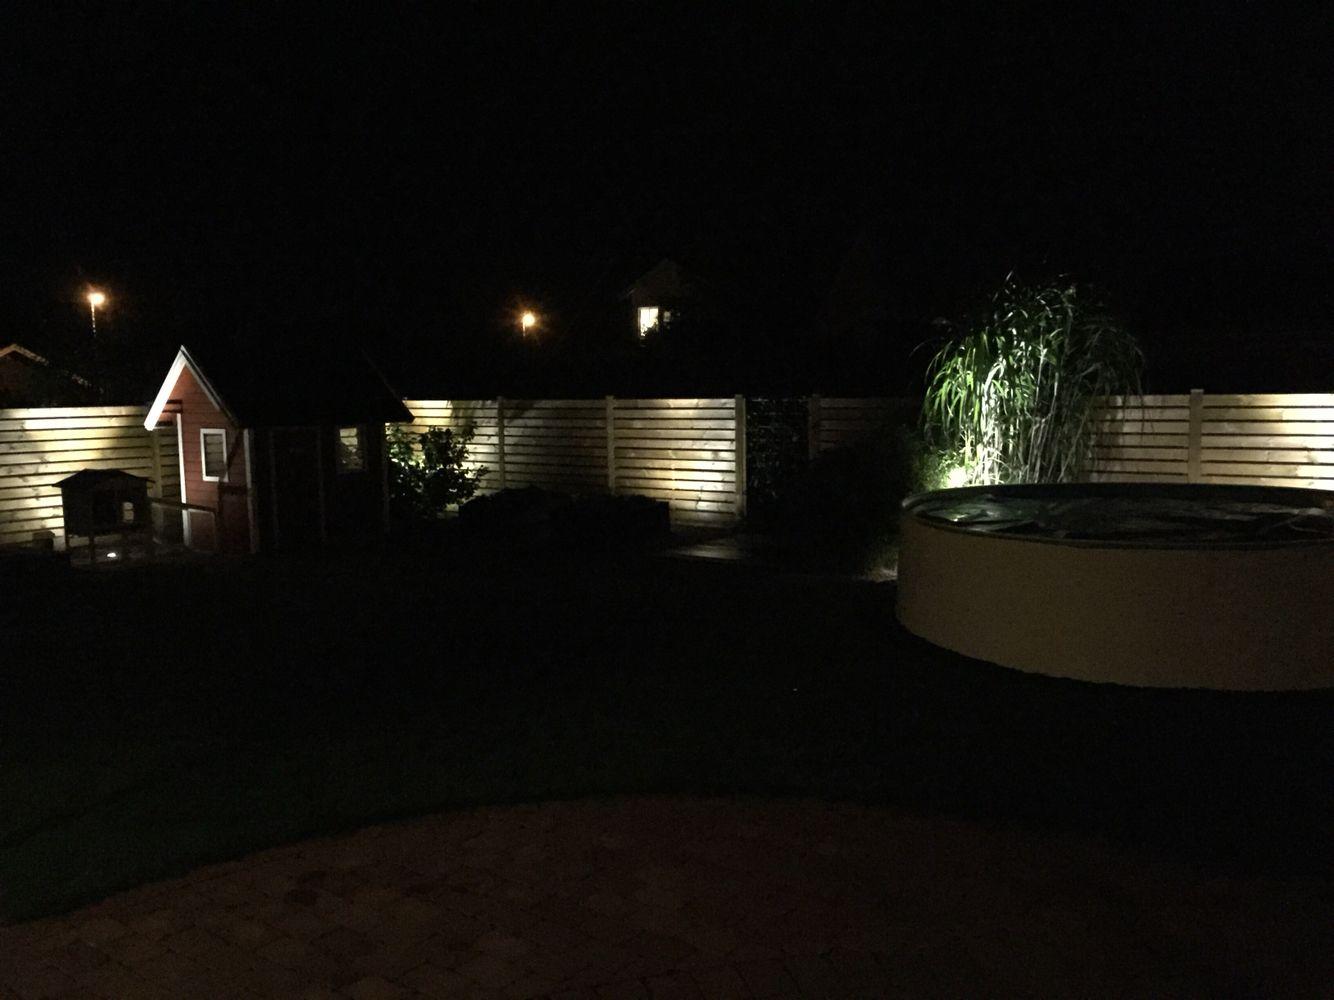 Trädgård plank trädgård : Belysning av plank med 6st uplight 6w LED (12v) | Min TrädgÃ¥rd ...